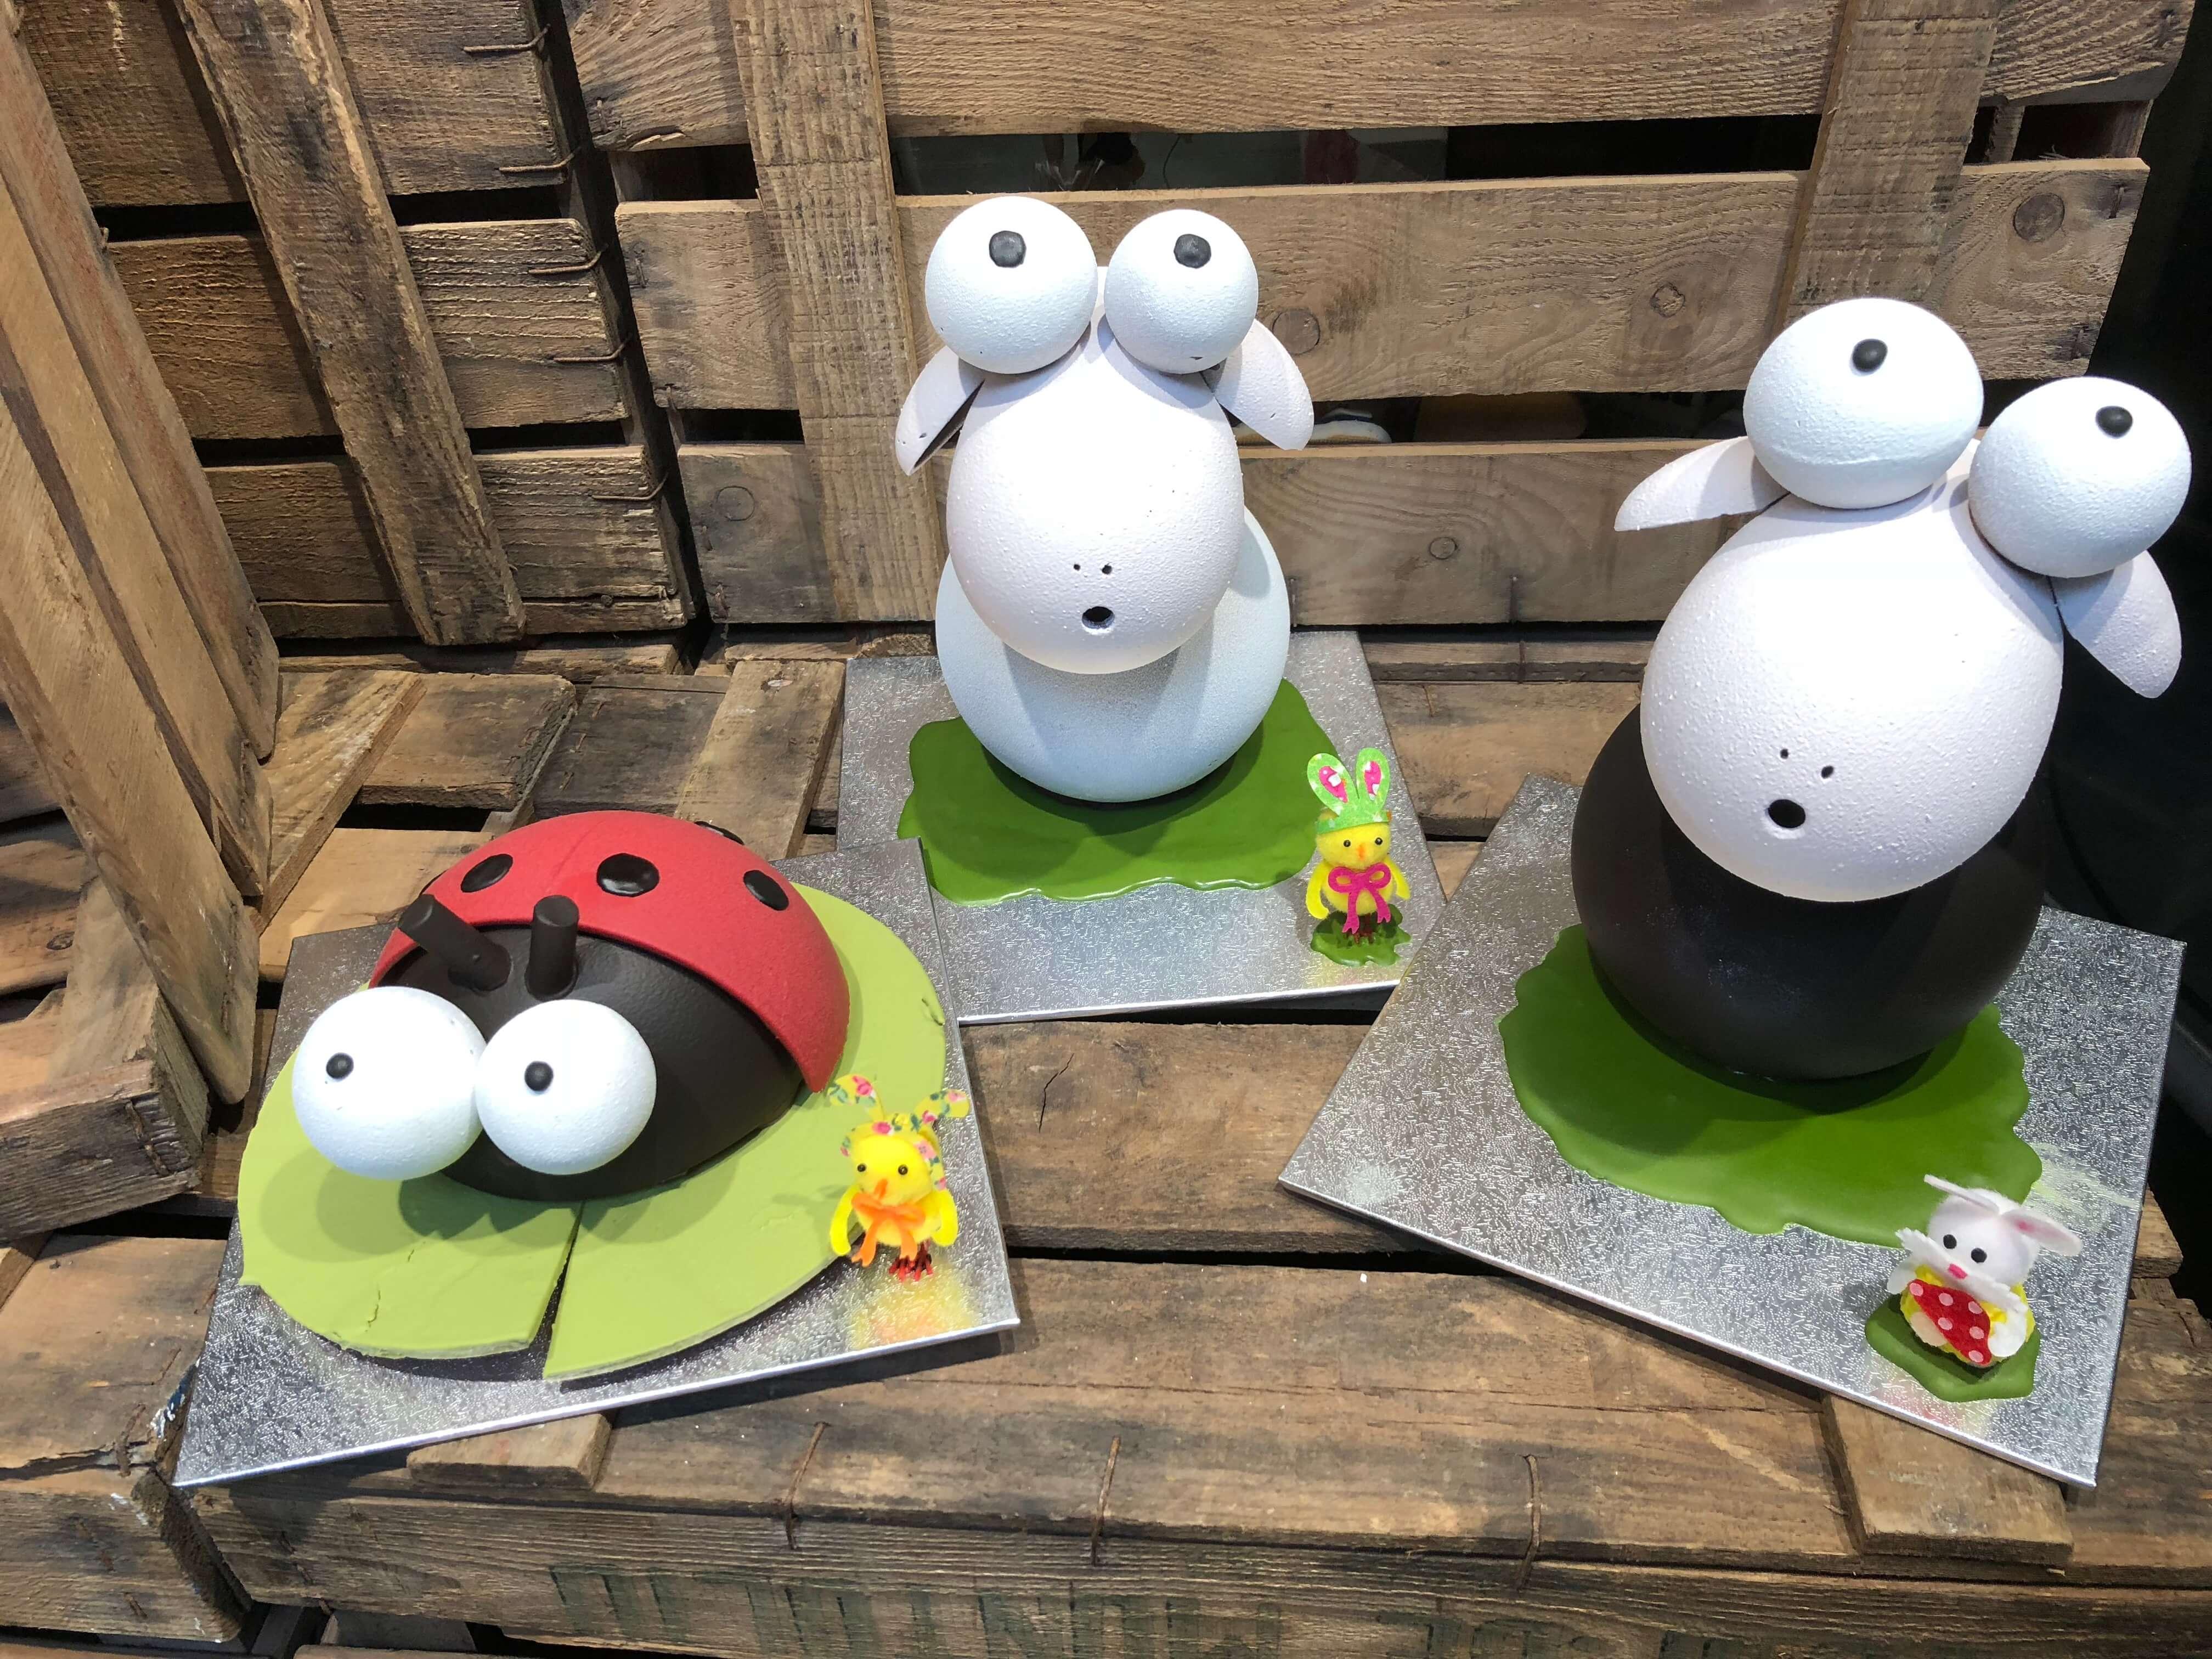 figuras de pascua huevos de pascua chocolate coruña